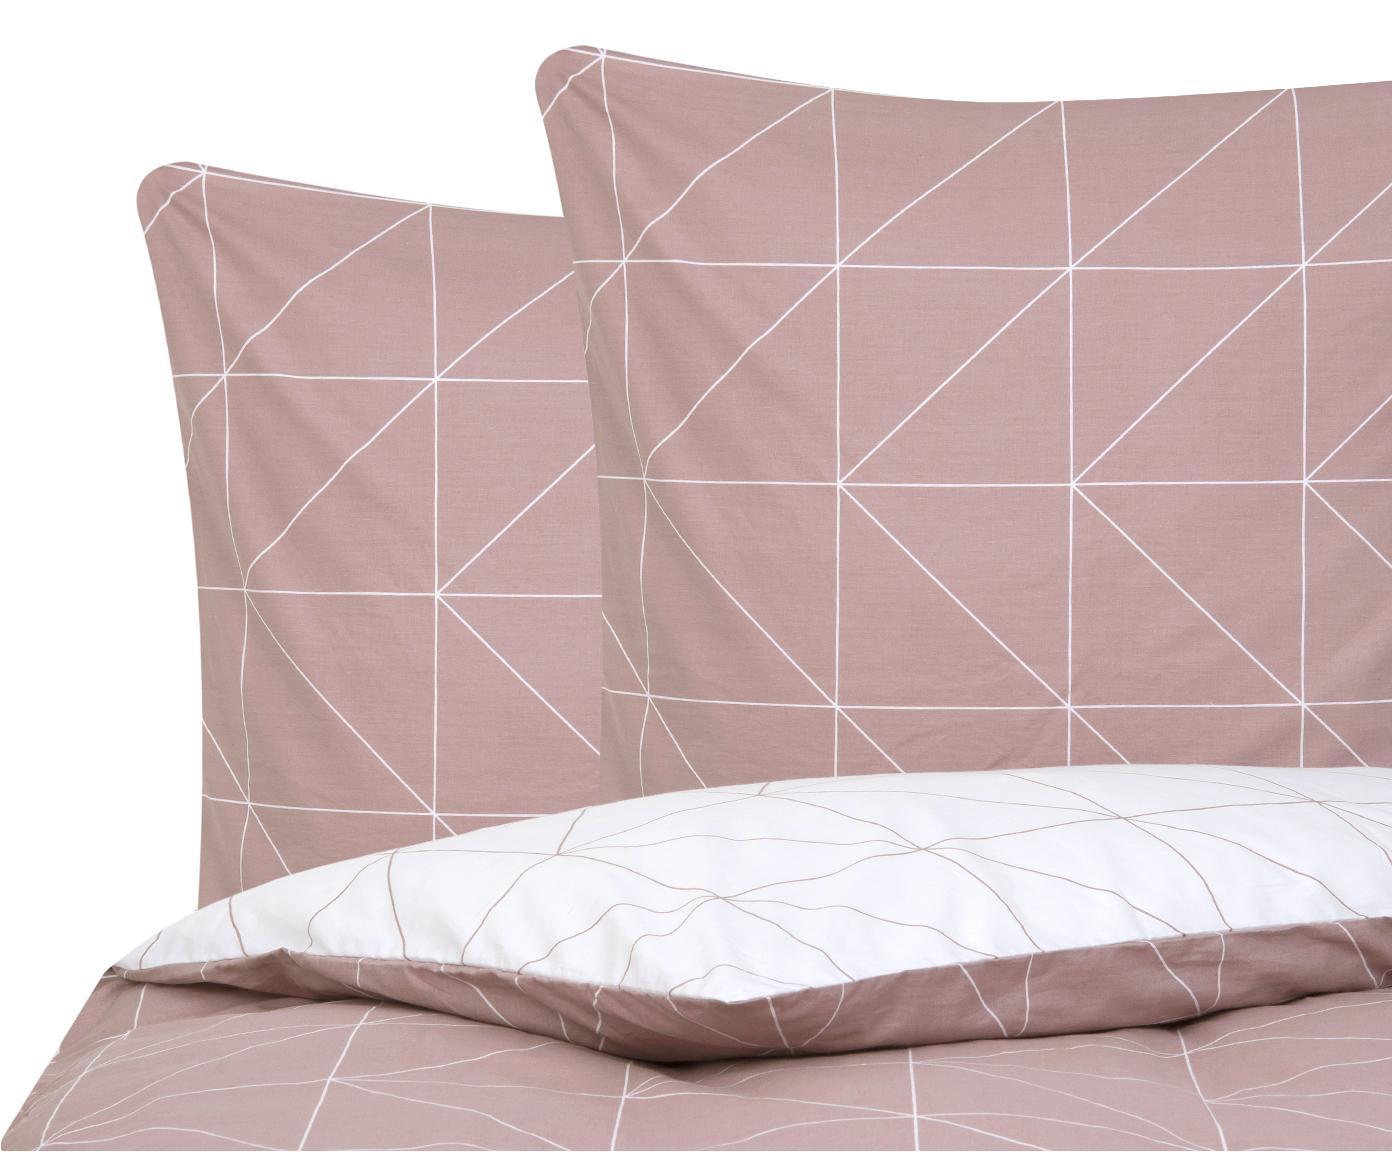 Baumwoll-Wendebettwäsche Marla mit grafischem Muster, Webart: Renforcé Fadendichte 144 , Mauve, Weiß, 200 x 200 cm + 2 Kissen 80 x 80 cm